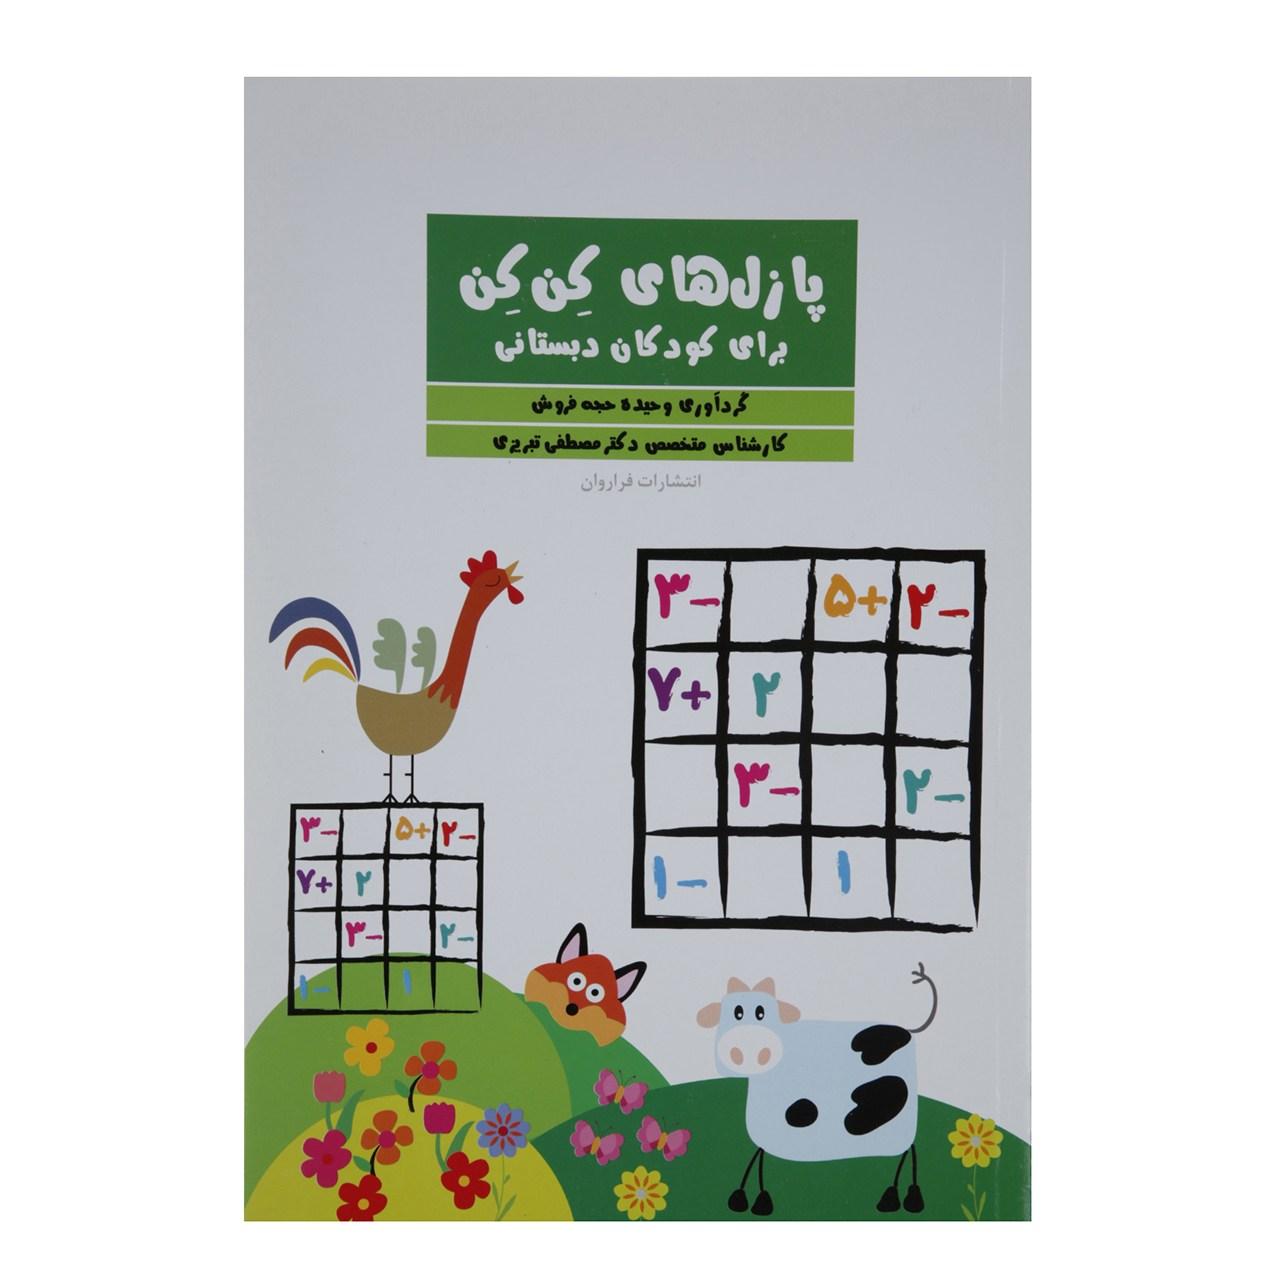 کتاب پازل های کن کن برای کودکان دبستانی اثر وحیده حجه فروش